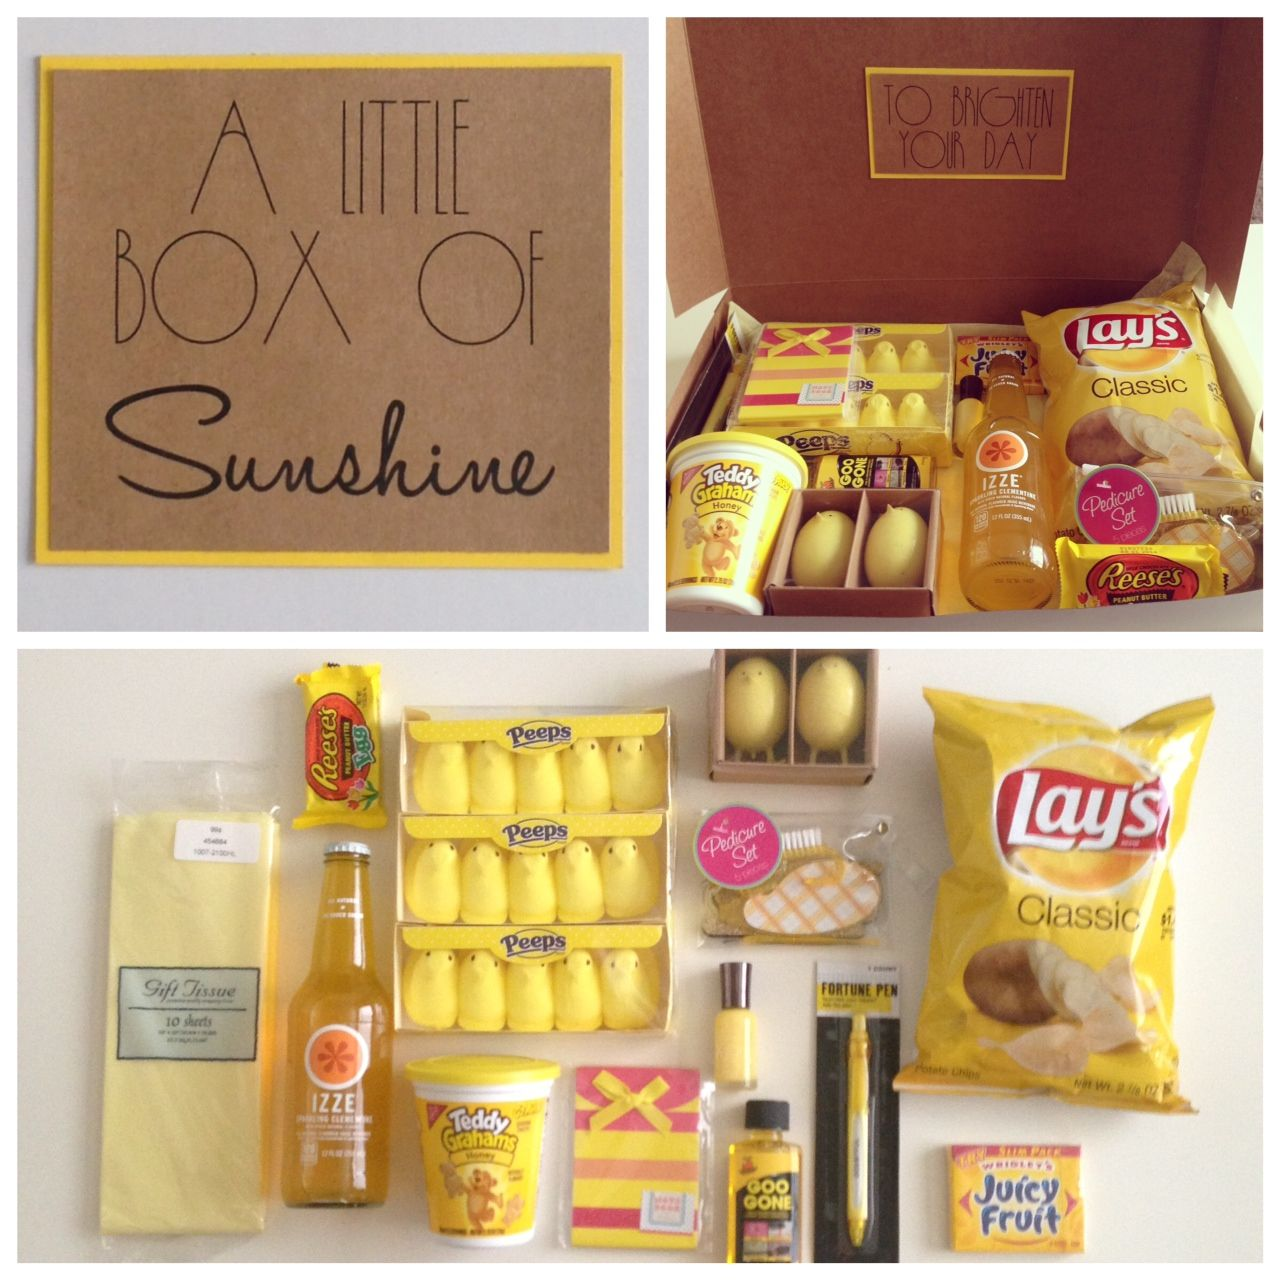 A little box of sunshine box of sunshine diy gifts